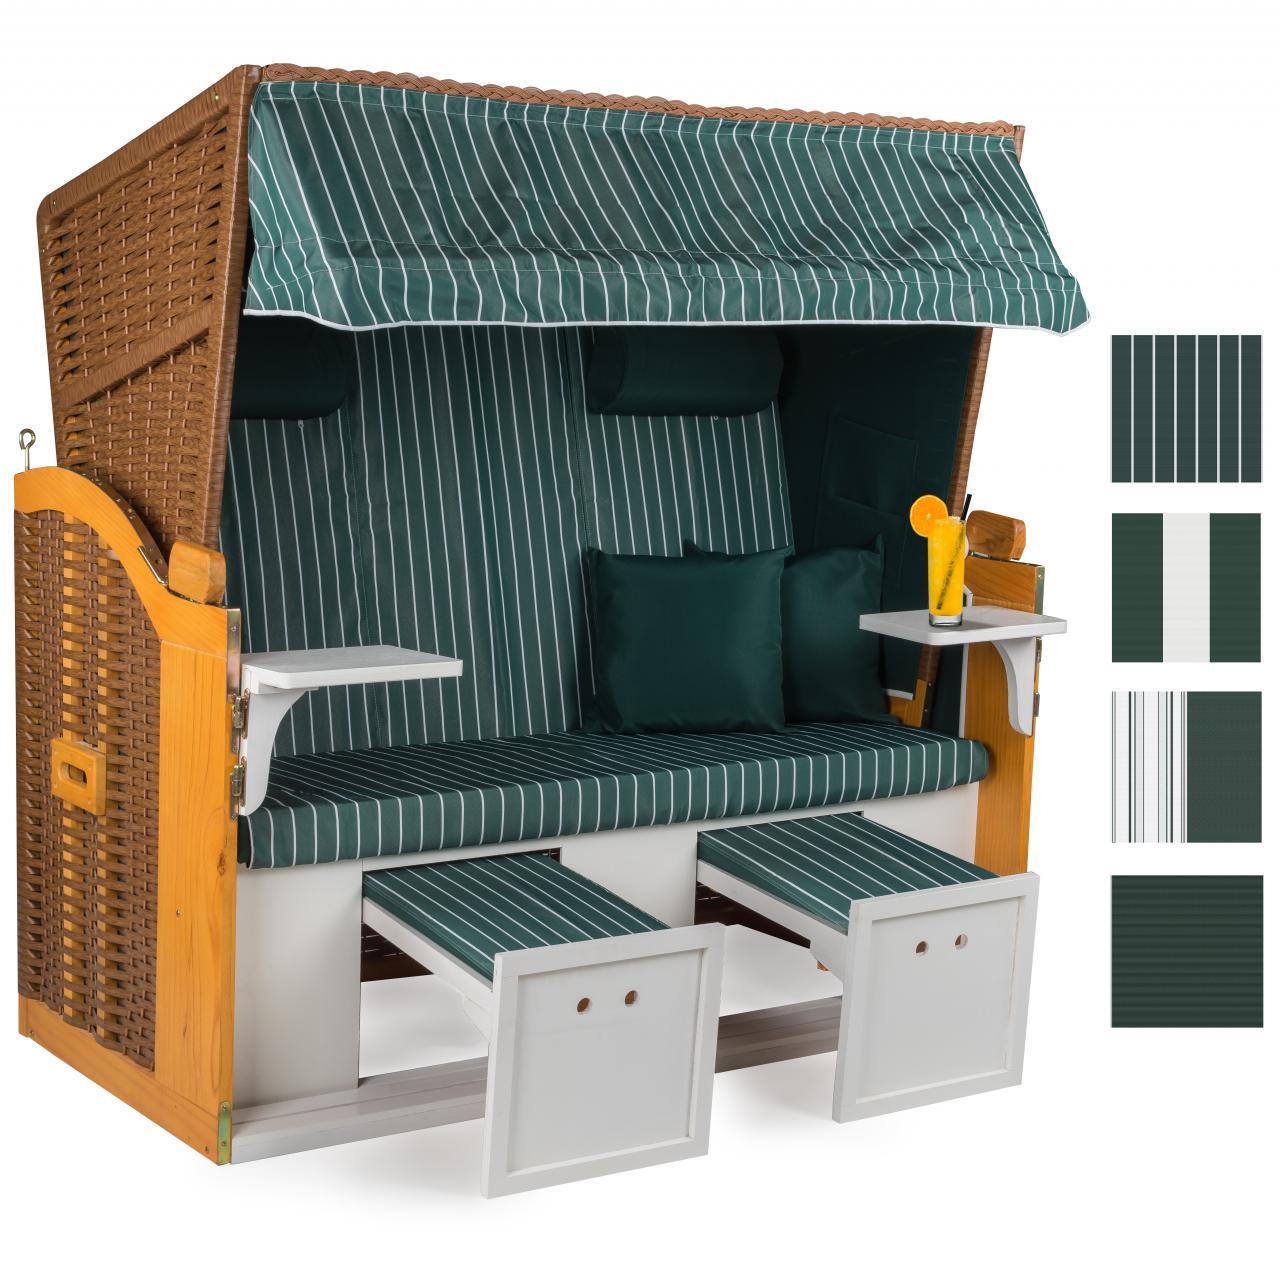 160cm premium strandkorb nordsee sonnenliege volllieger gartenm bel gartenliege ebay. Black Bedroom Furniture Sets. Home Design Ideas